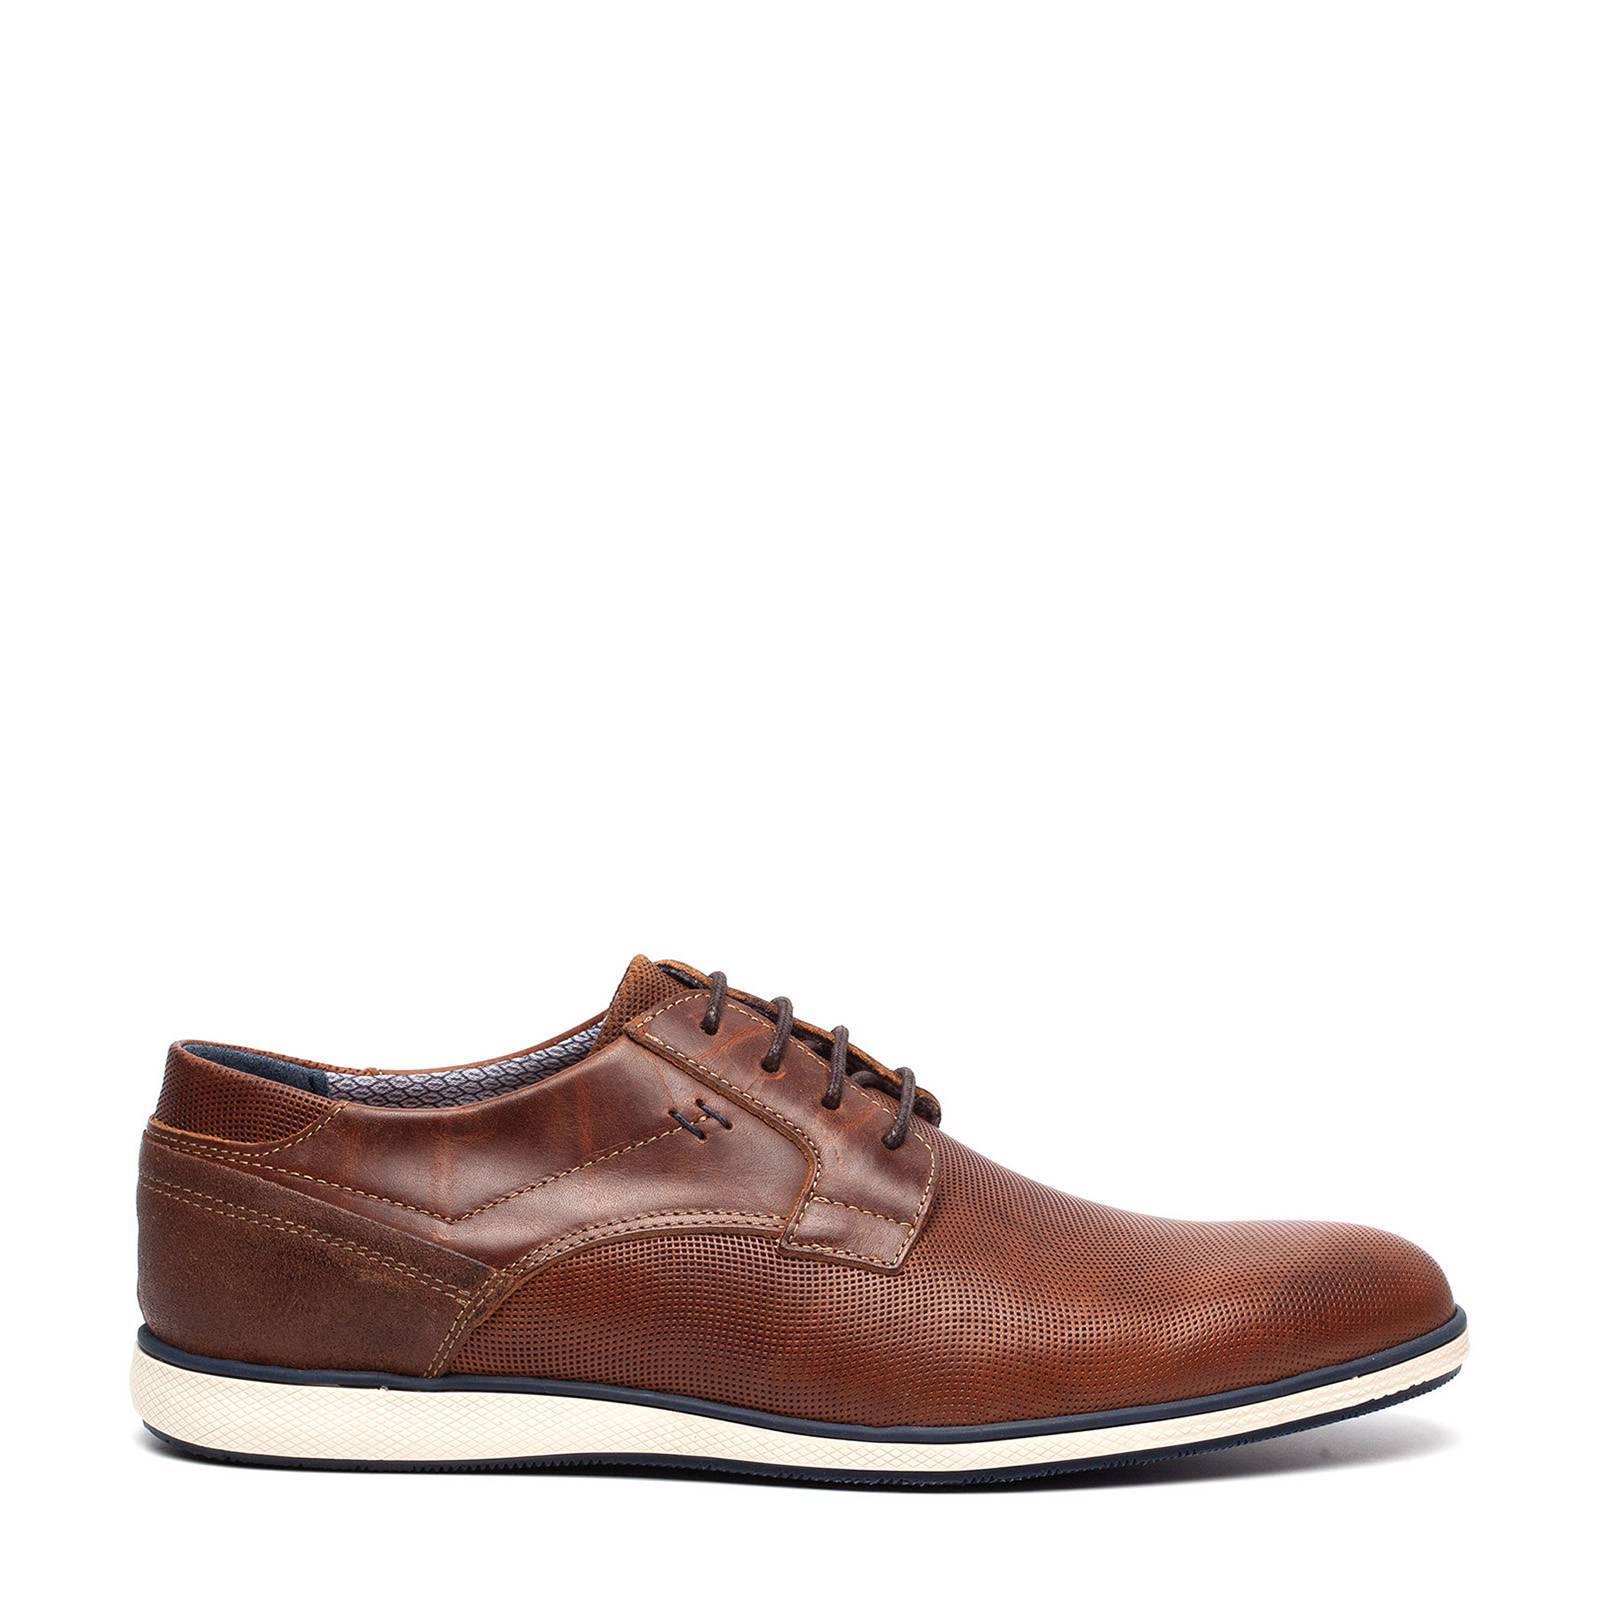 04fe8f5b1b6 Scapino TwoDay leren sneakers bruin | wehkamp